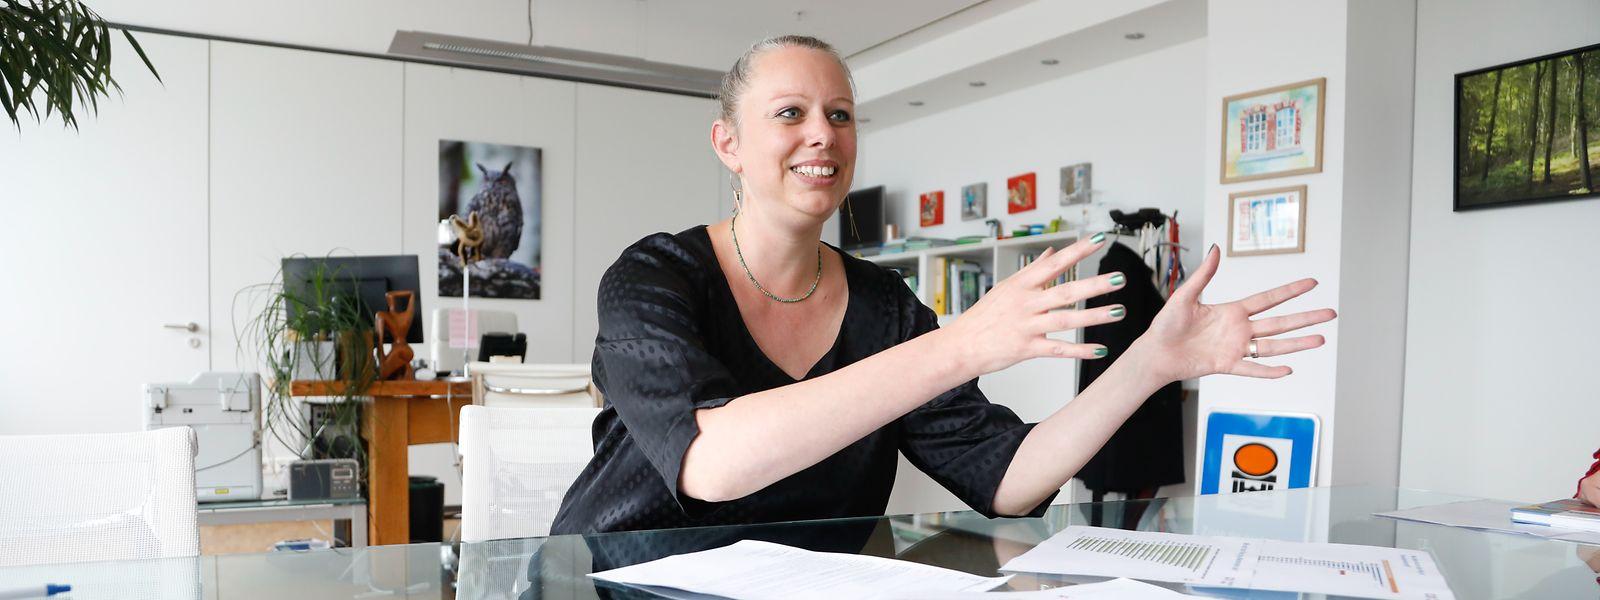 Pour Carole Dieschbourg (Déi Gréng), ministre de l'Environnement, le plastique à usage unique apparaît comme «le problème numéro un».